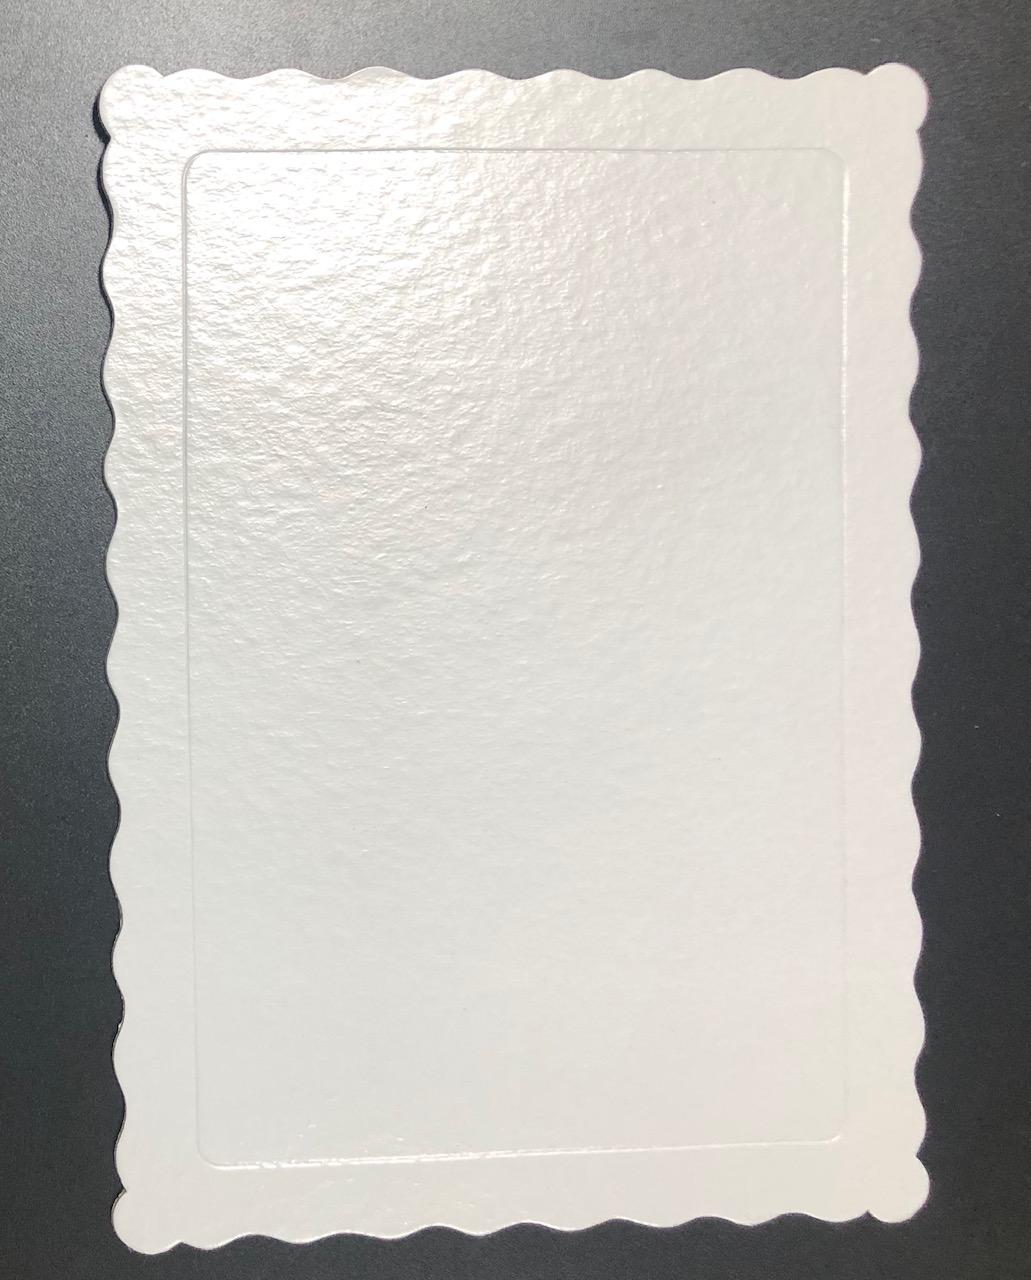 100 Bases Laminadas Para Bolo Retangular, Cake Board 35x25cm - Branco